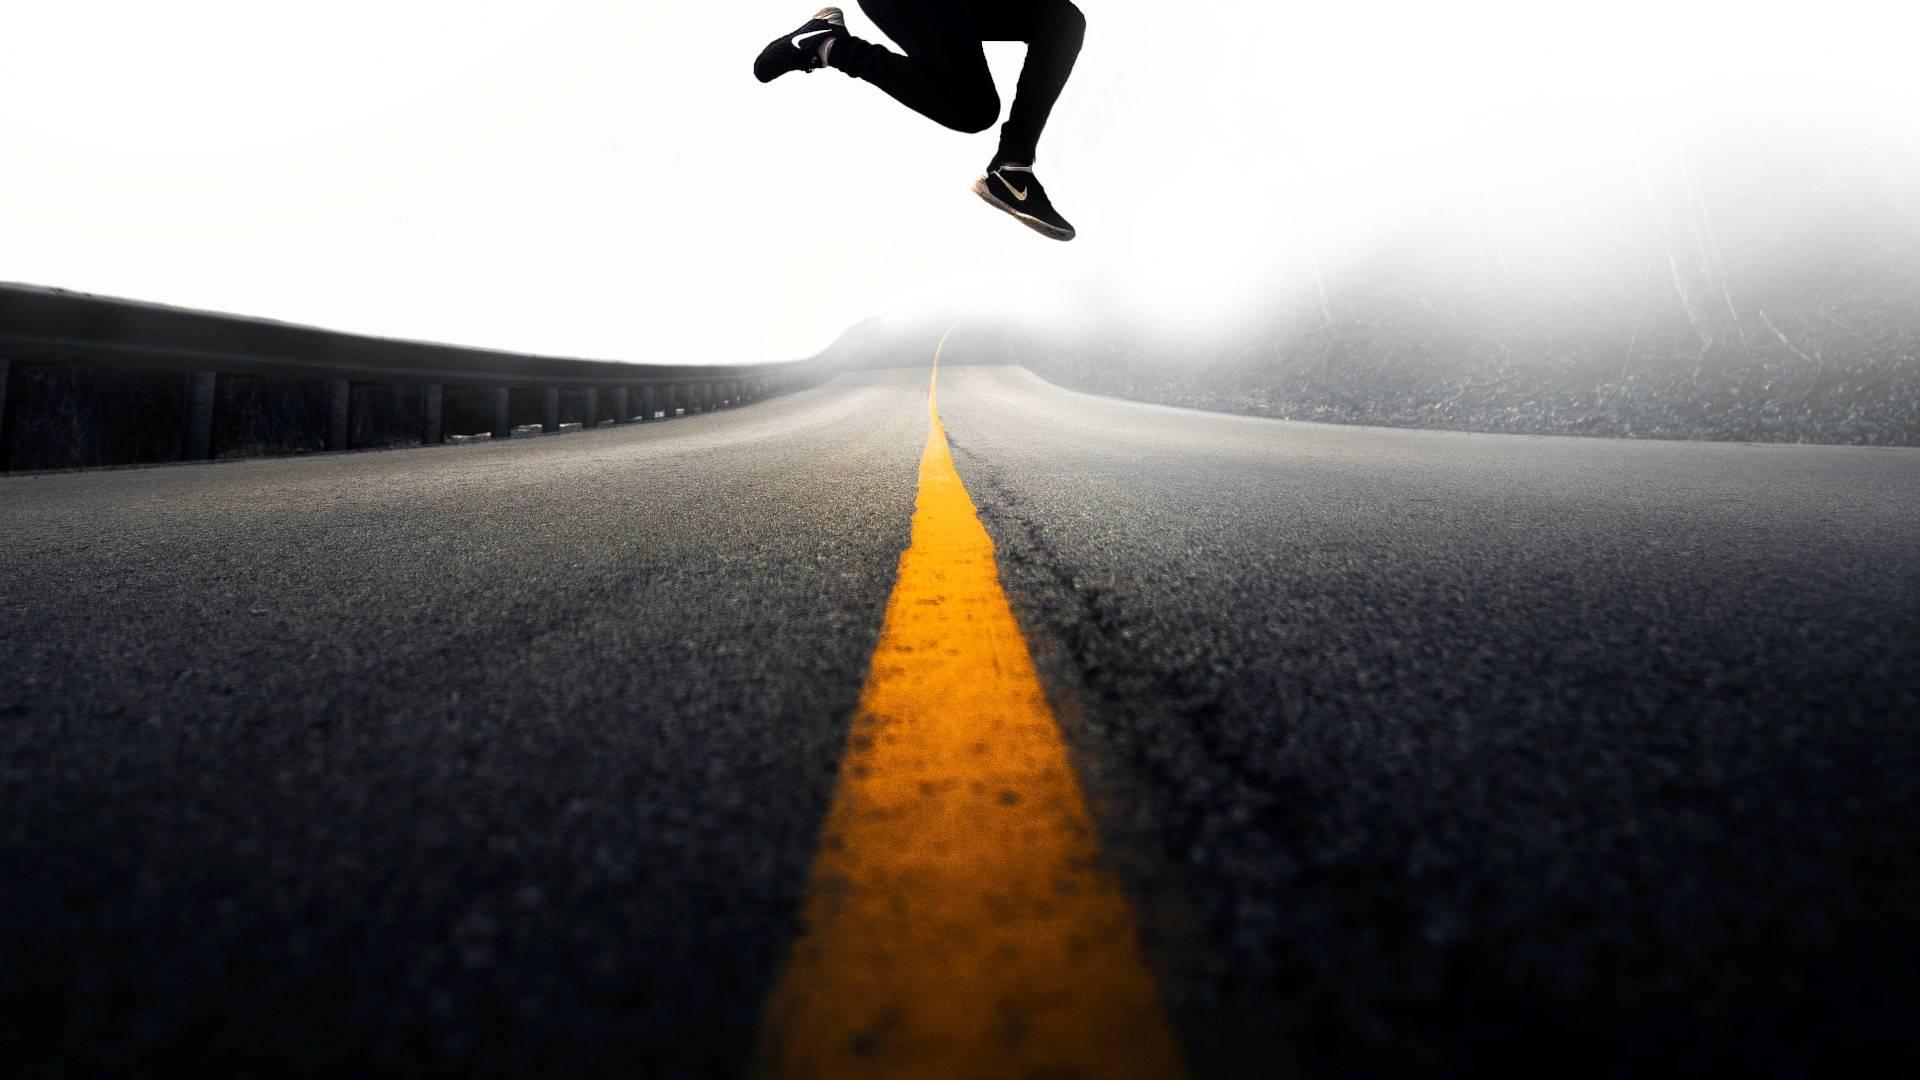 jump springen hüpfen